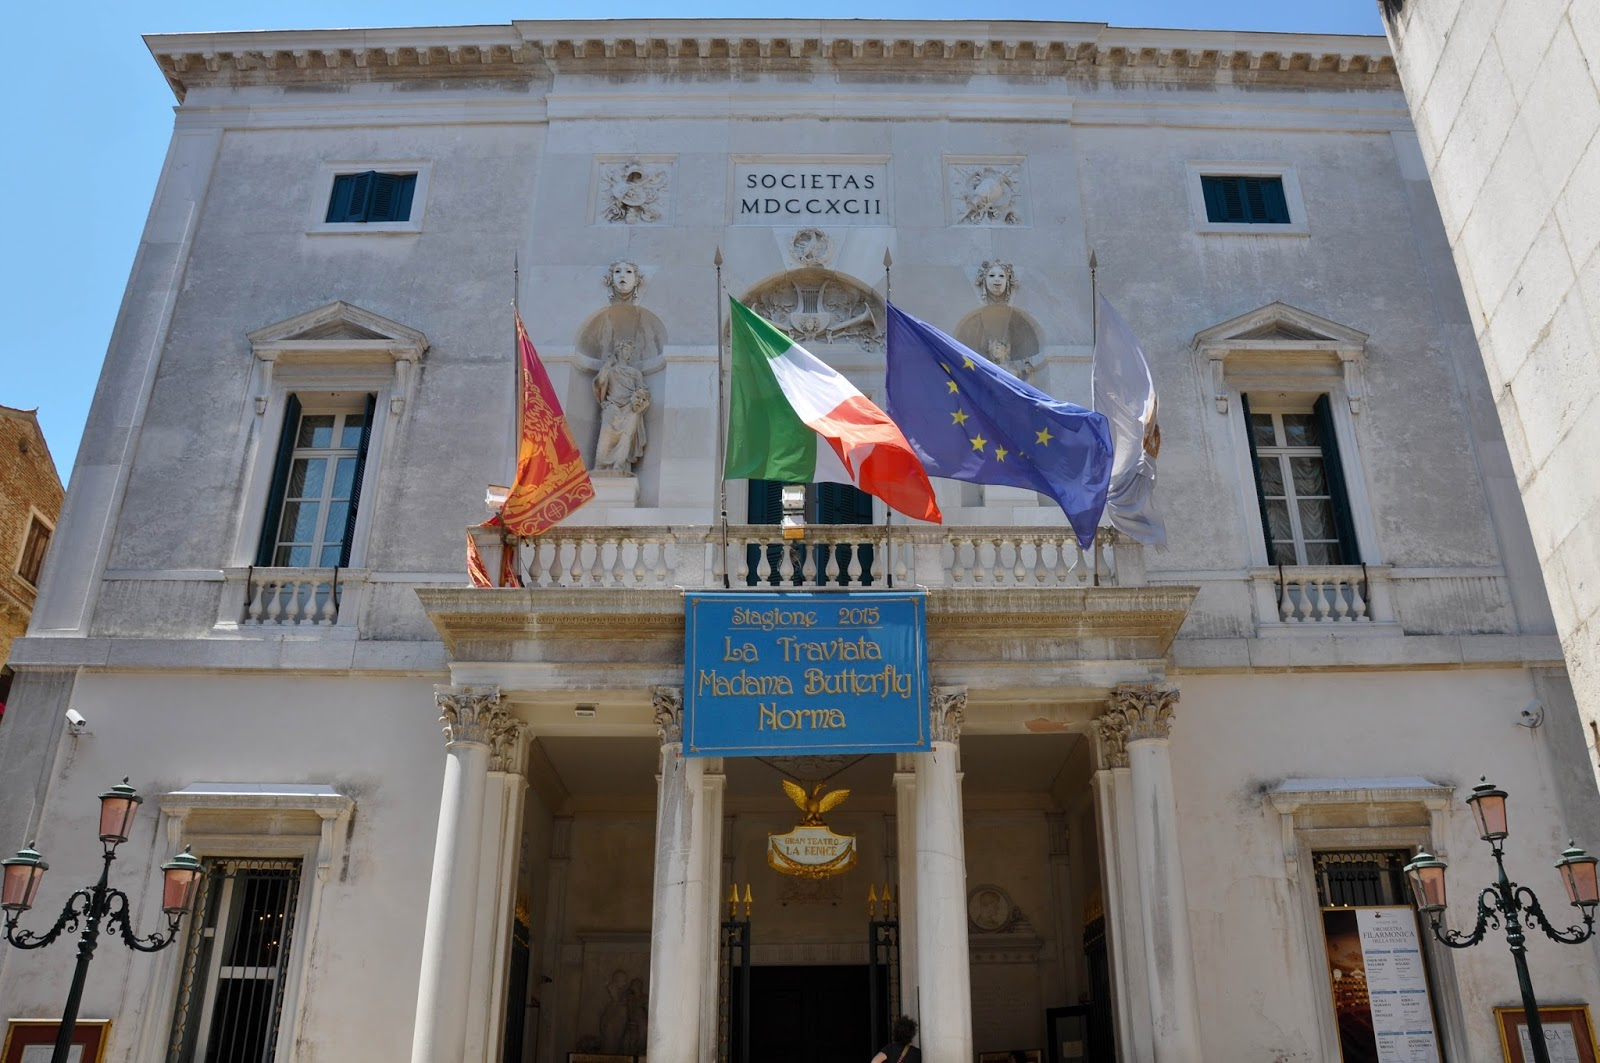 The theatre's facade, La Fenice, Venice, Italy